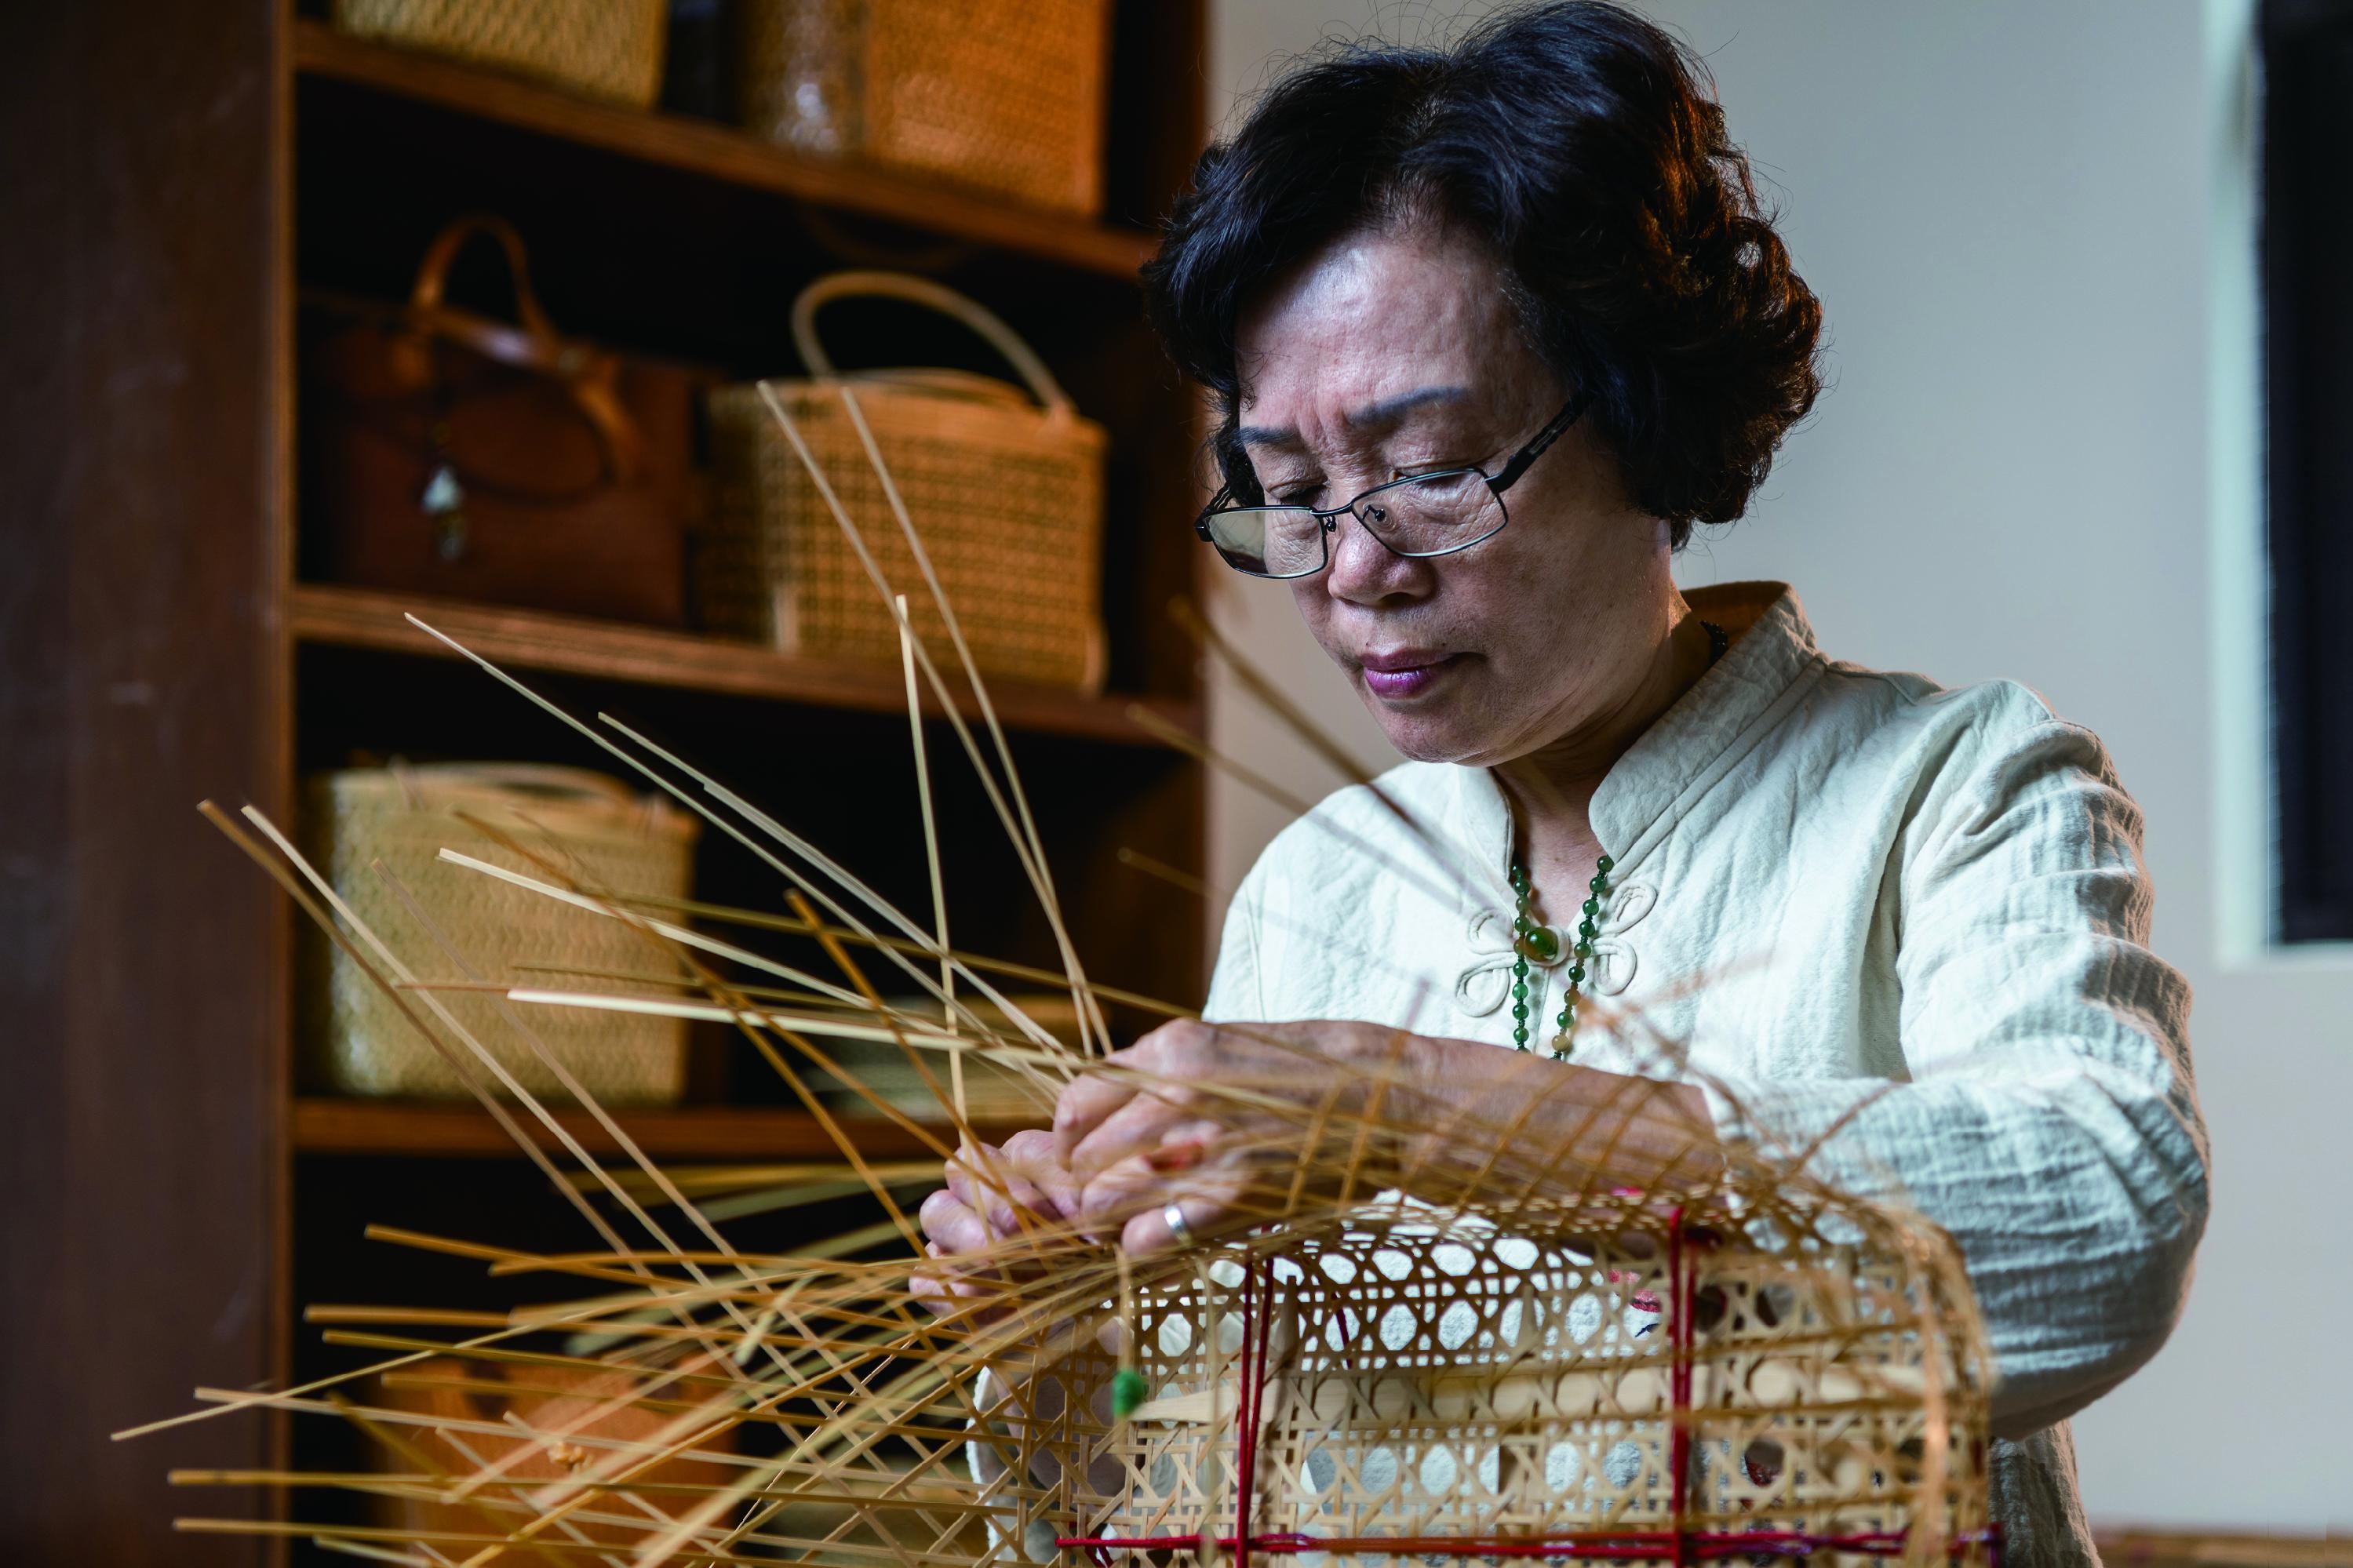 10-竹編工藝駐園藝生涂素英接觸竹編已逾50 年,作品兼具實用性與藝術.JPG